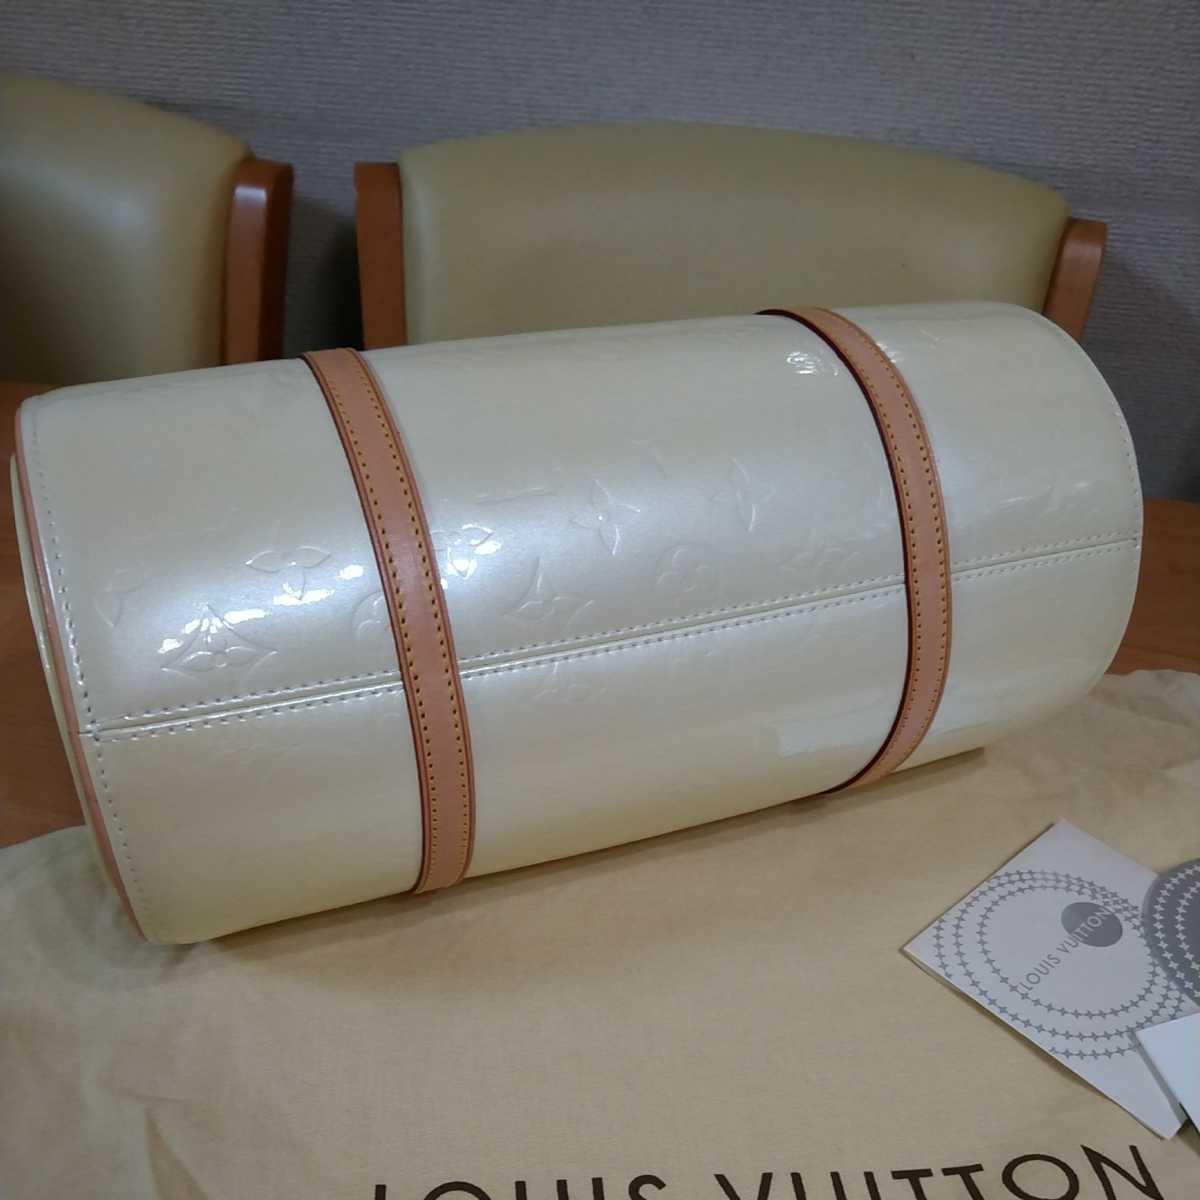 値下げ中 中古 LOUIS VUITTON ルイヴィトン モノグラム ヴェルニ ハンドバッグ ぺルル 保存袋付 送料無料_画像3